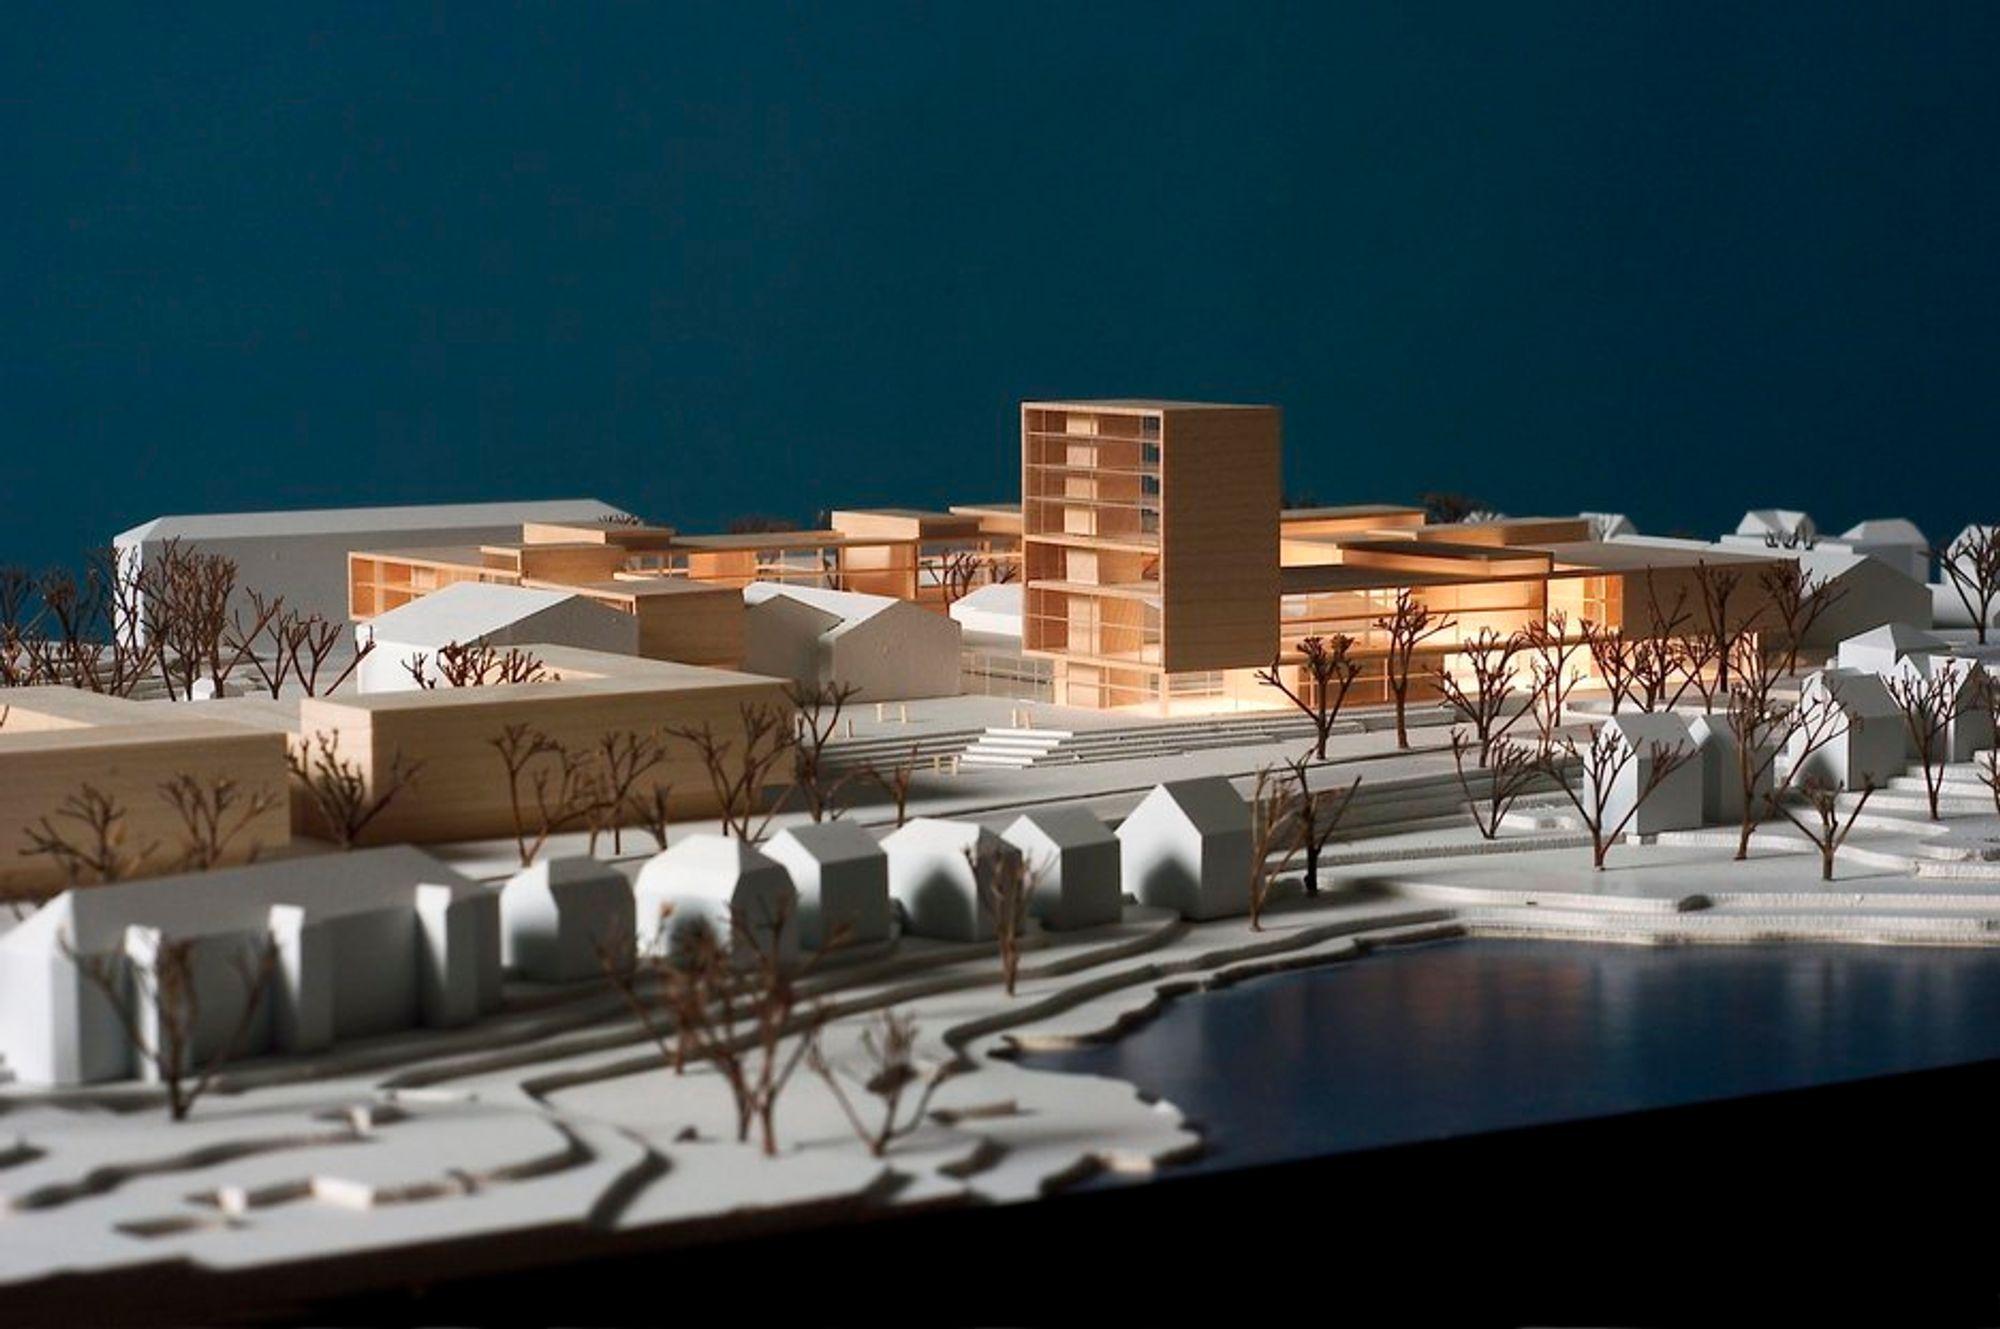 KRISESKOLE: Det måtte en krise til før regjeringen fant midler til å oppgradere Høgskolen i Bergen. Slik ser arkitektene for seg at høskolen blir når den er ferdig.